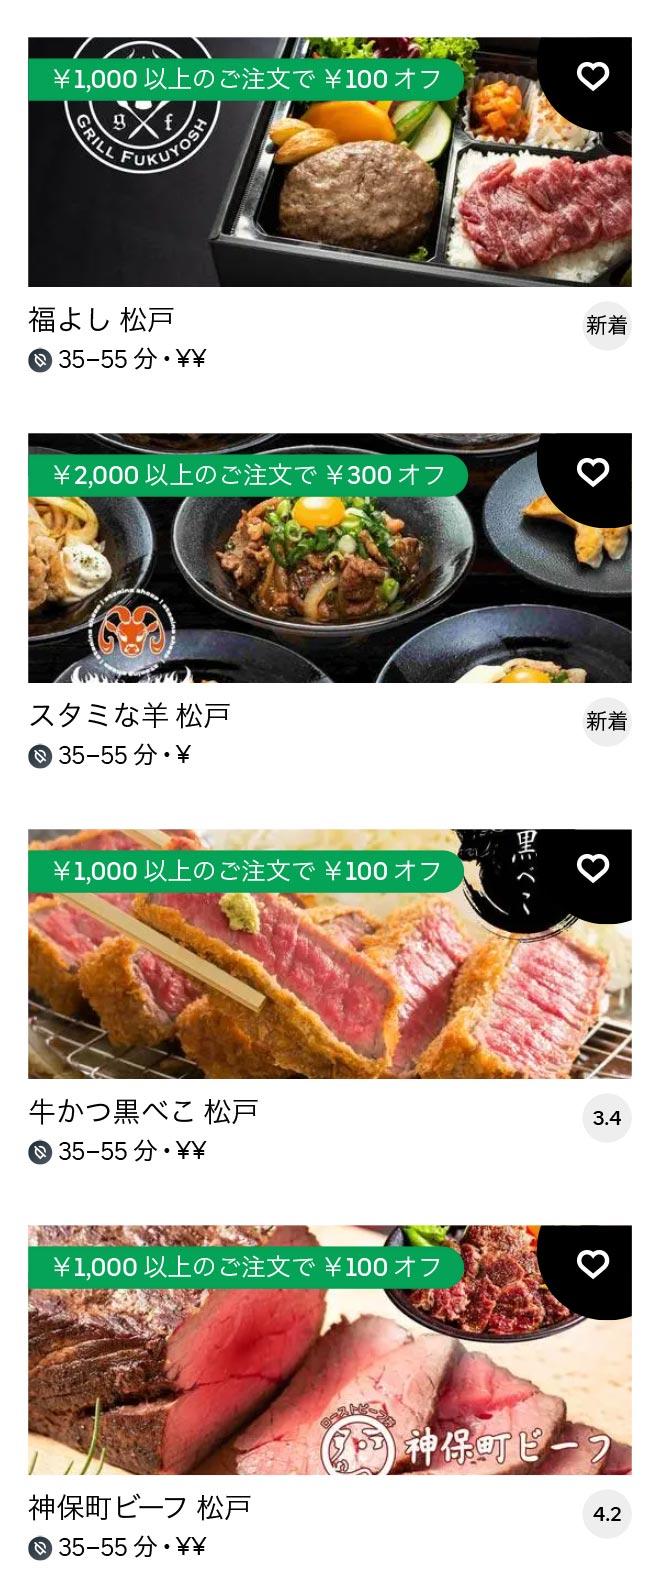 Nagareyama ootaka menu 2011 07